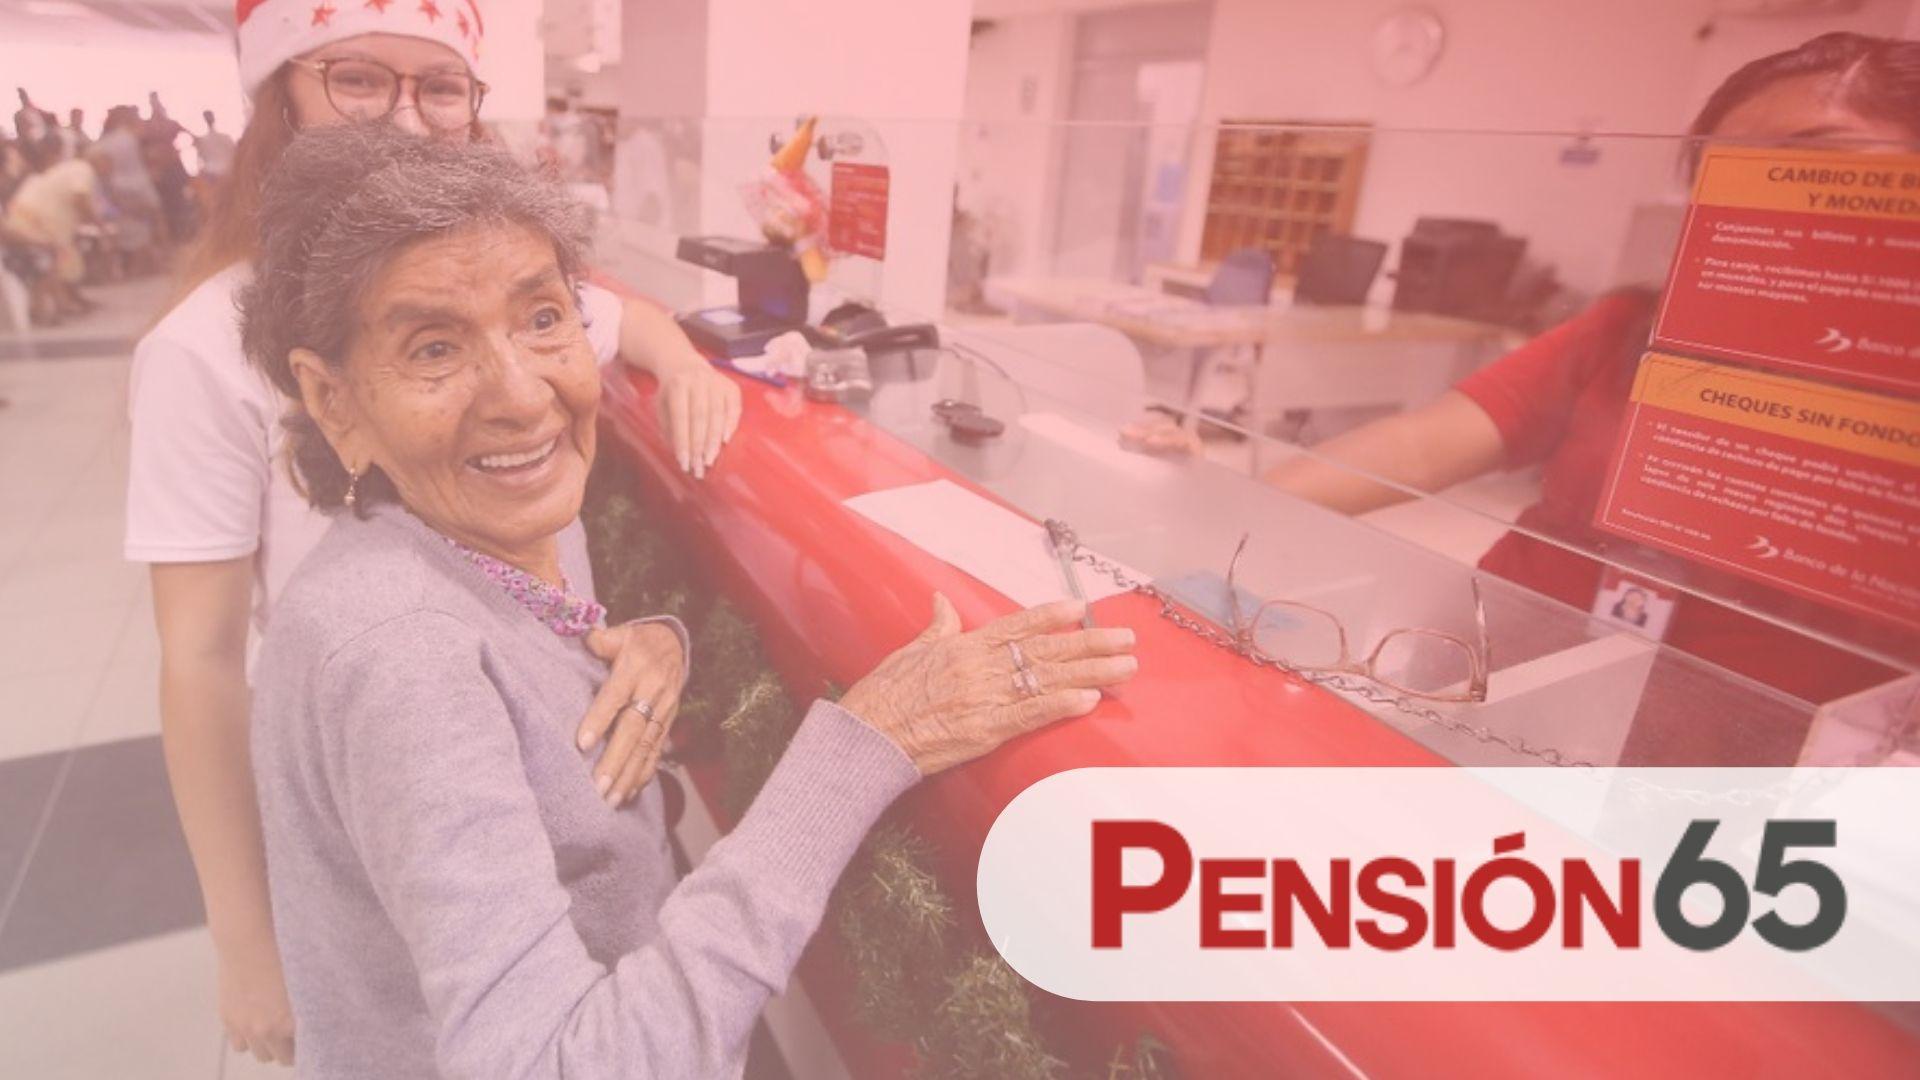 Cronograma de pagos 2019 Pensión 65